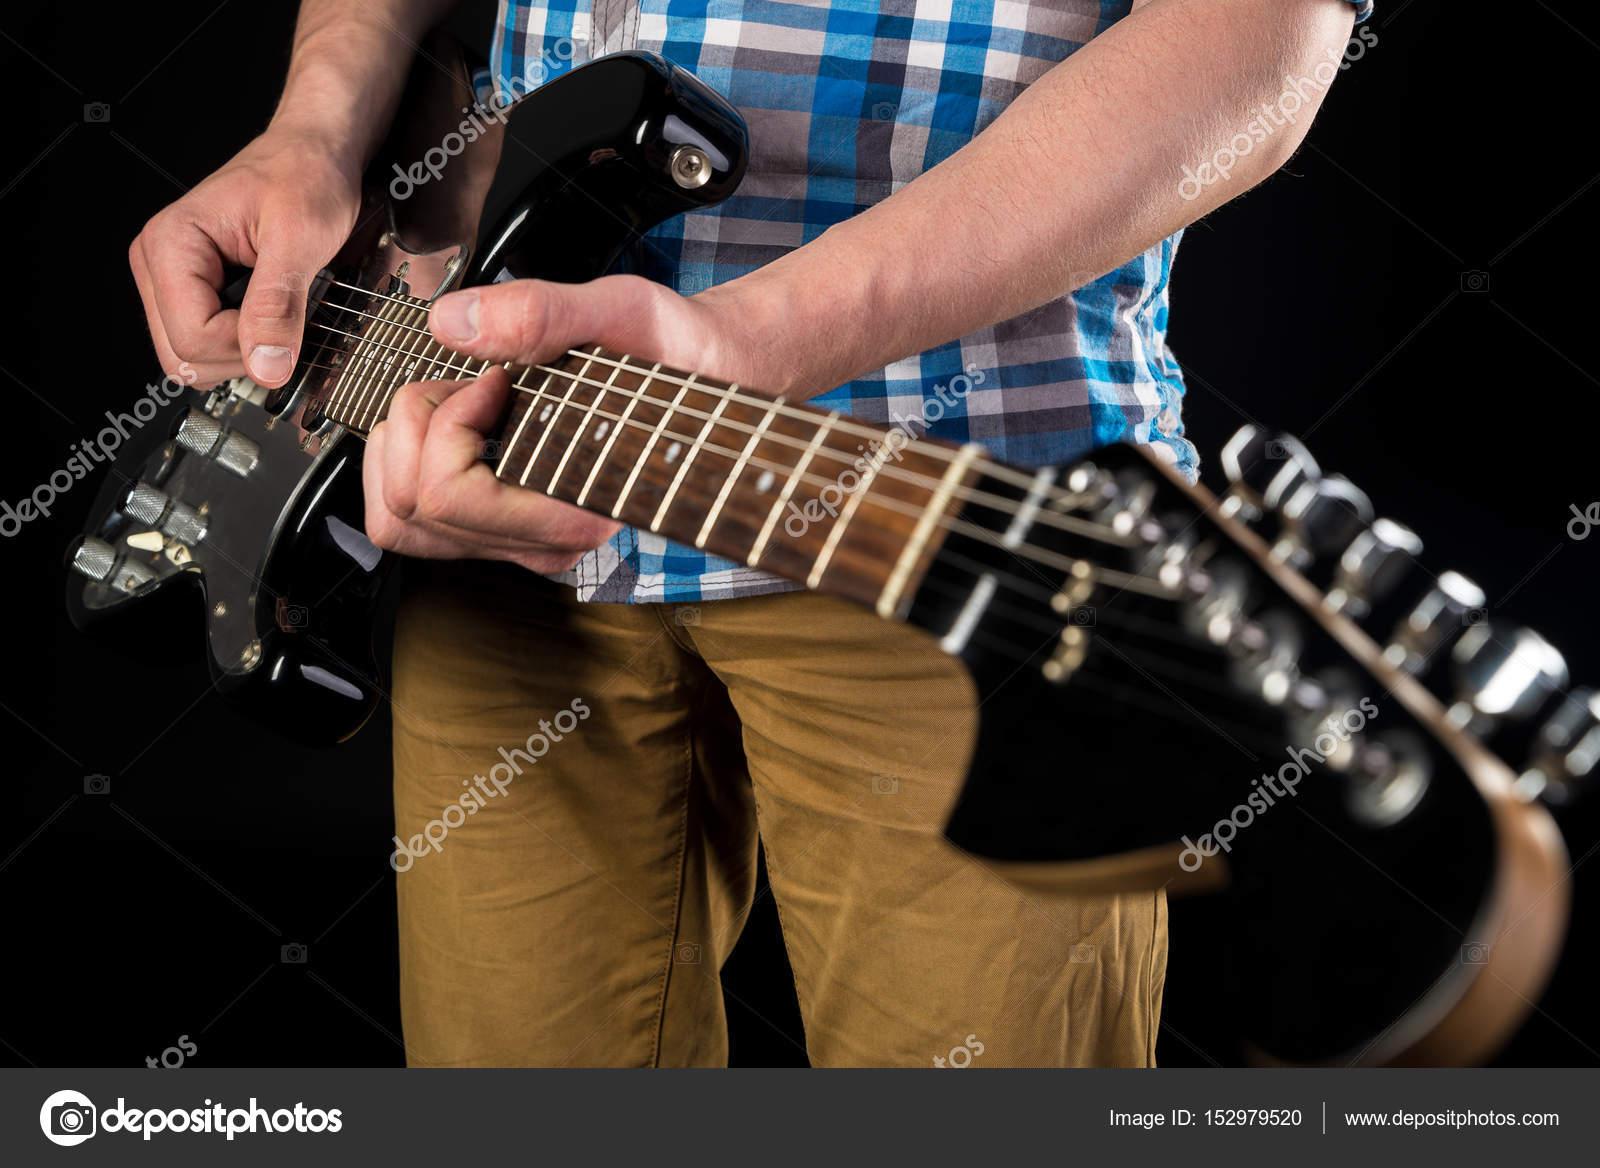 Música e arte o guitarrista detém uma guitarra nas mãos sobre um